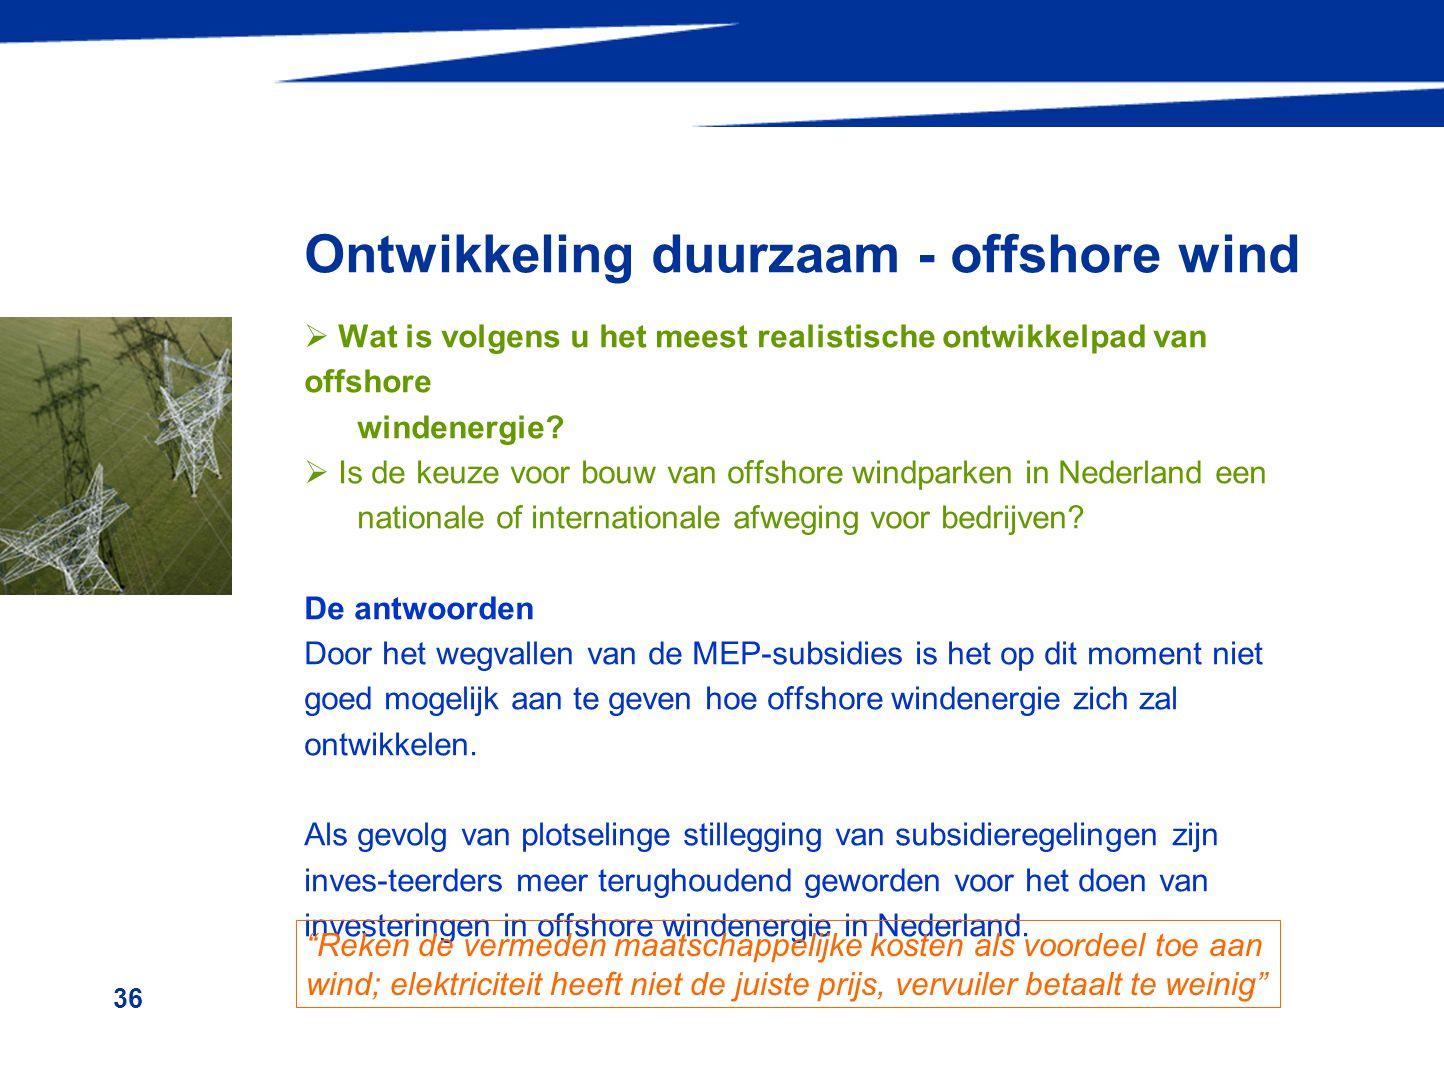 36 Ontwikkeling duurzaam - offshore wind  Wat is volgens u het meest realistische ontwikkelpad van offshore windenergie?  Is de keuze voor bouw van